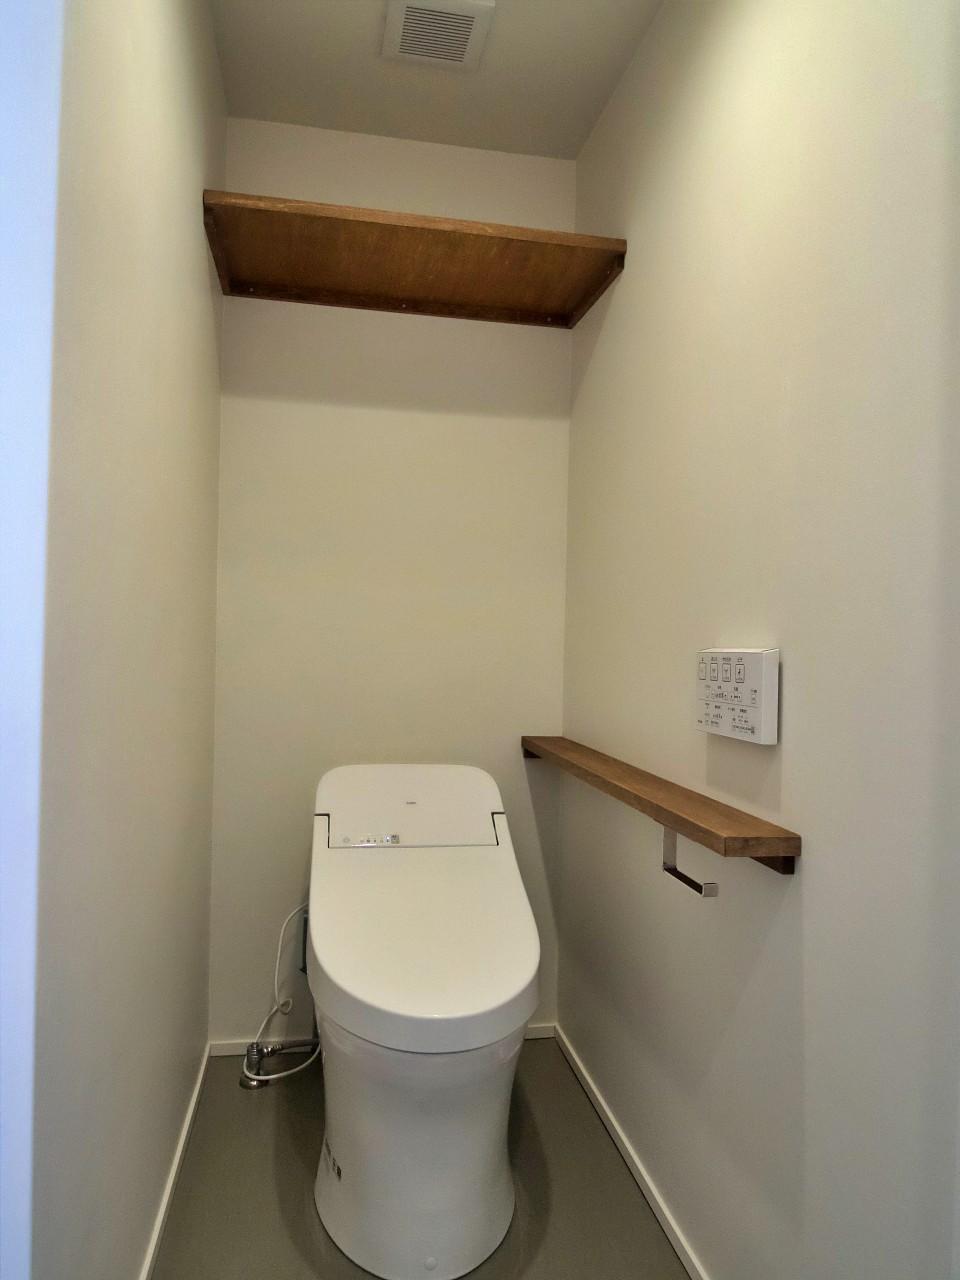 スッキリしたタンクレスのトイレ